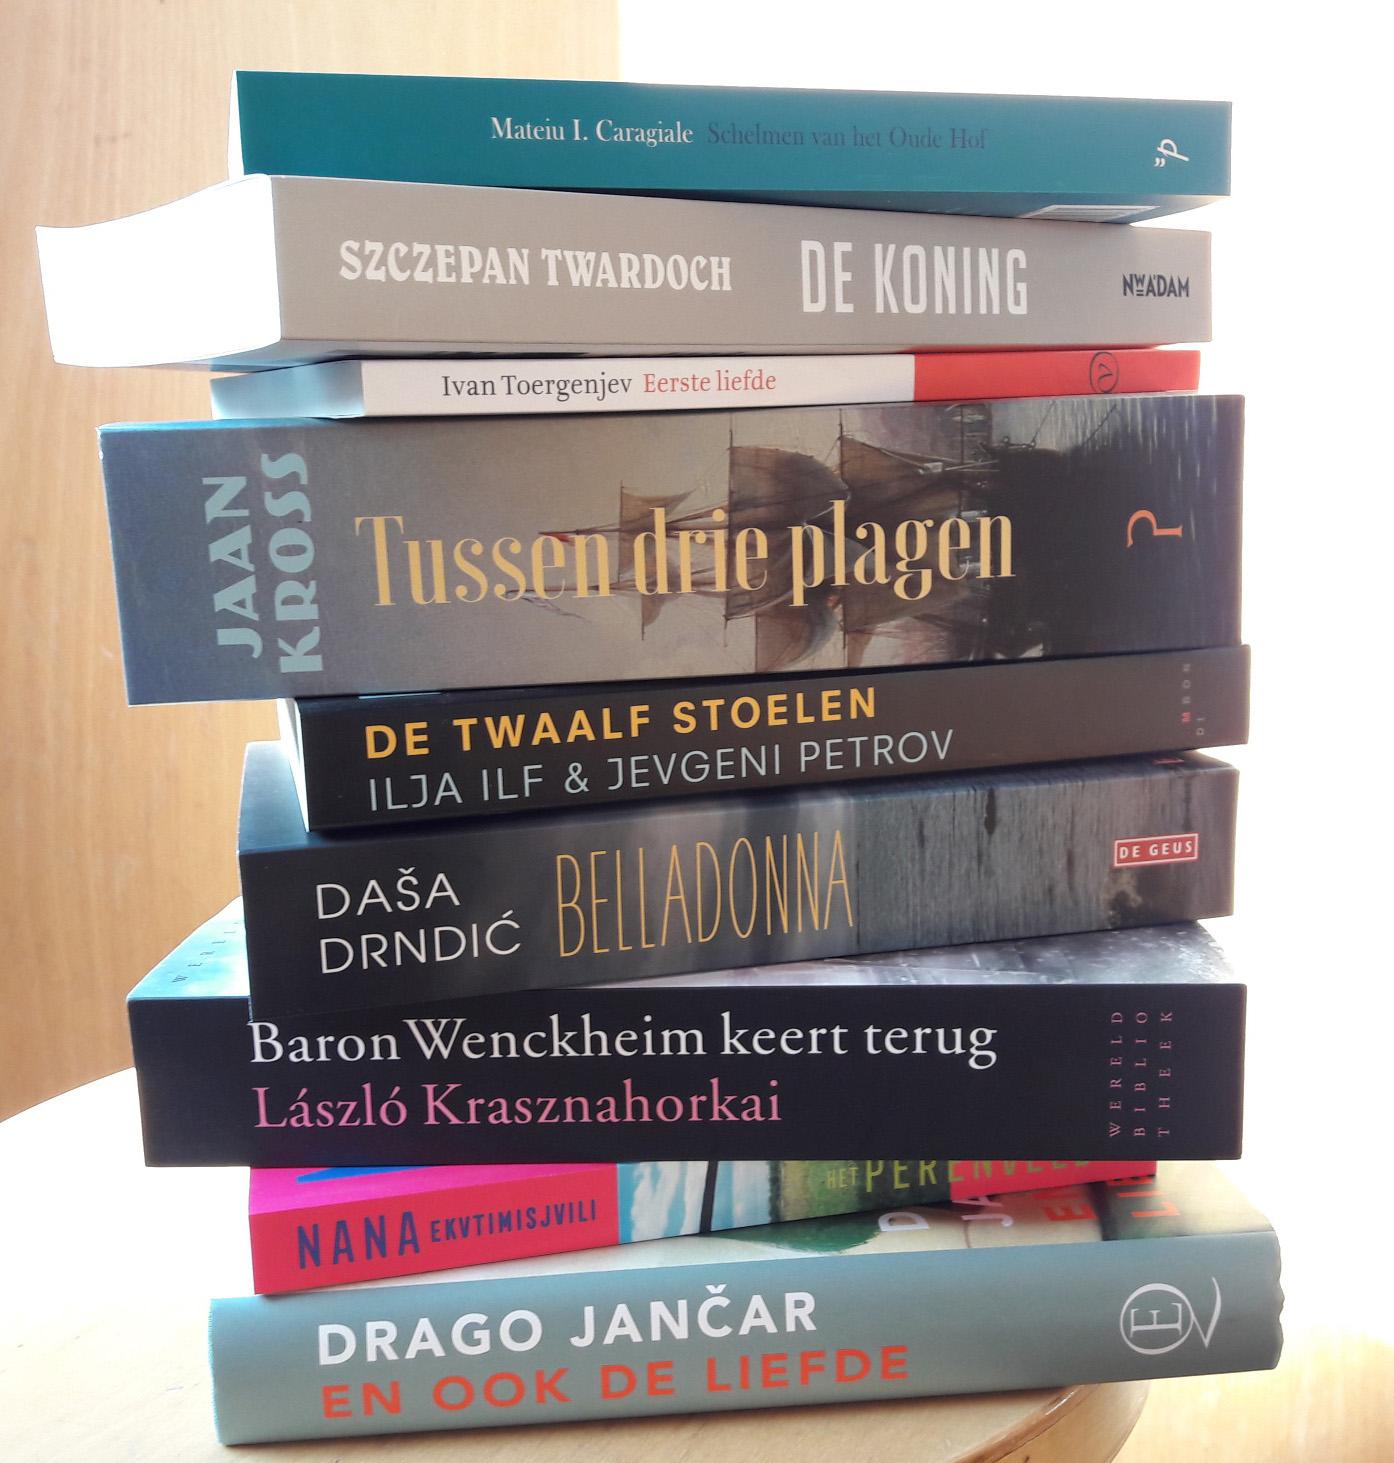 #ikleesthuis de boeken van Pegasus!